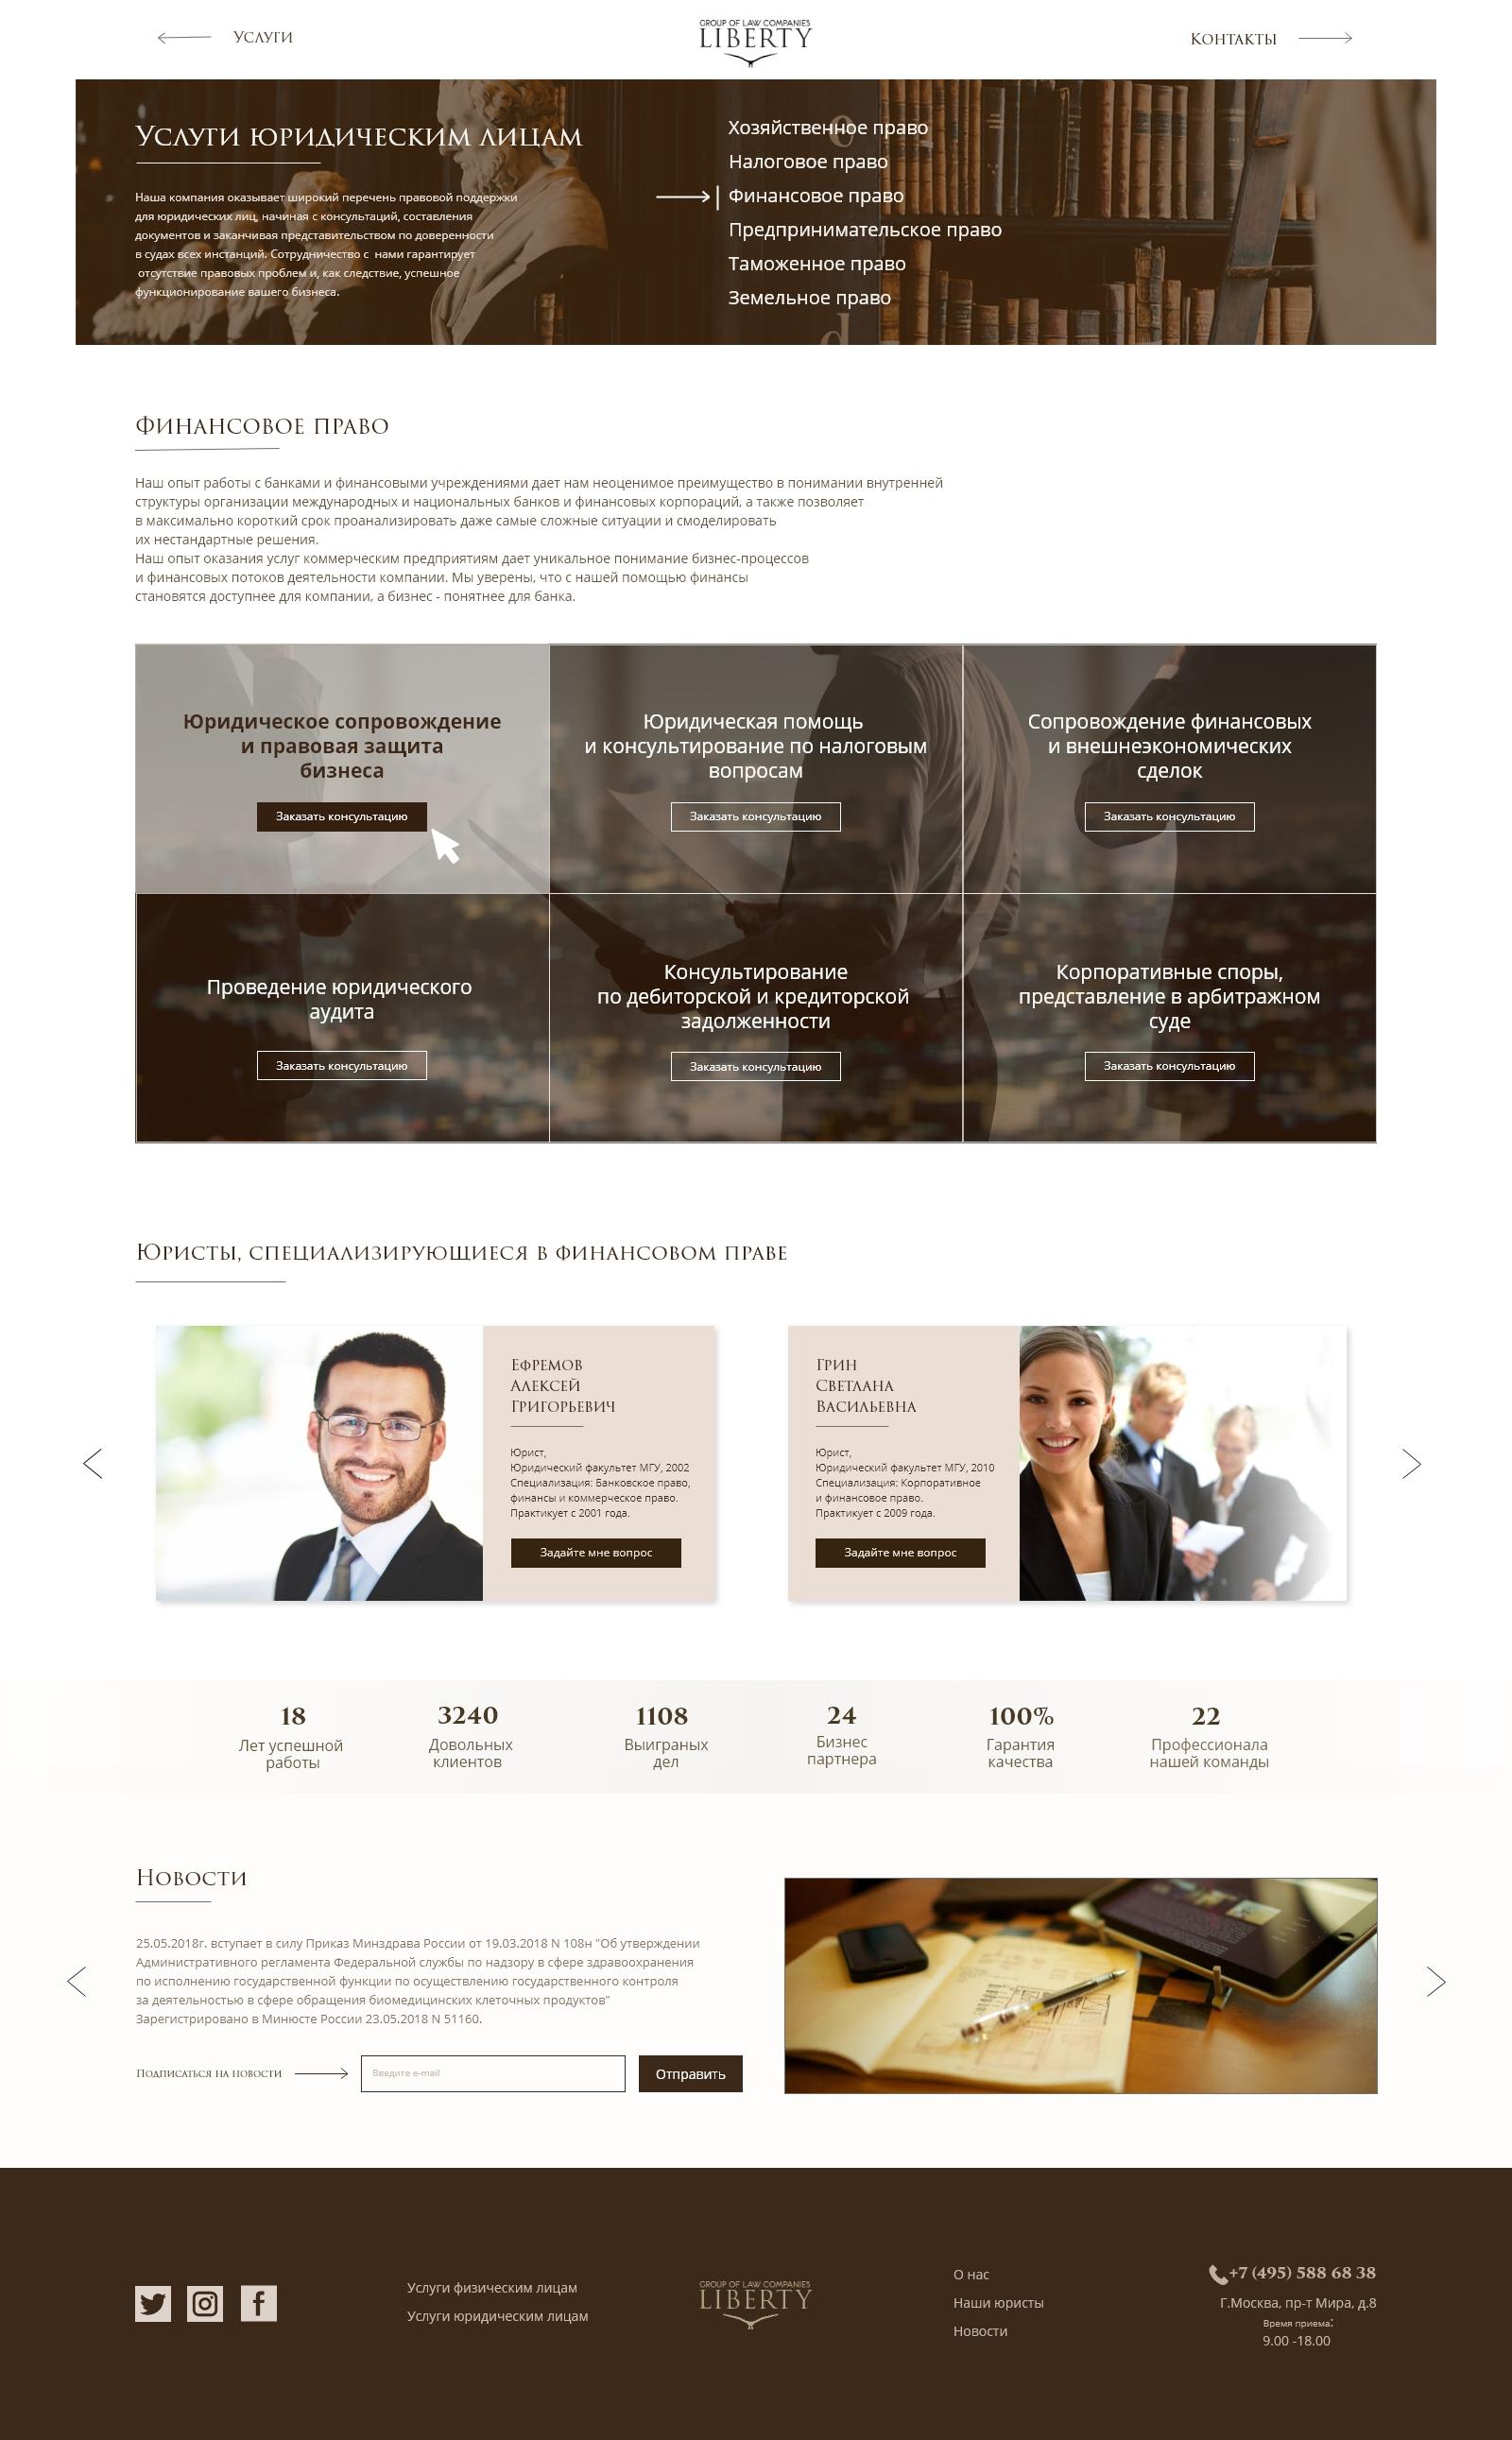 Сайт по услугам компаний сайты нефтяных компаний казахстана то